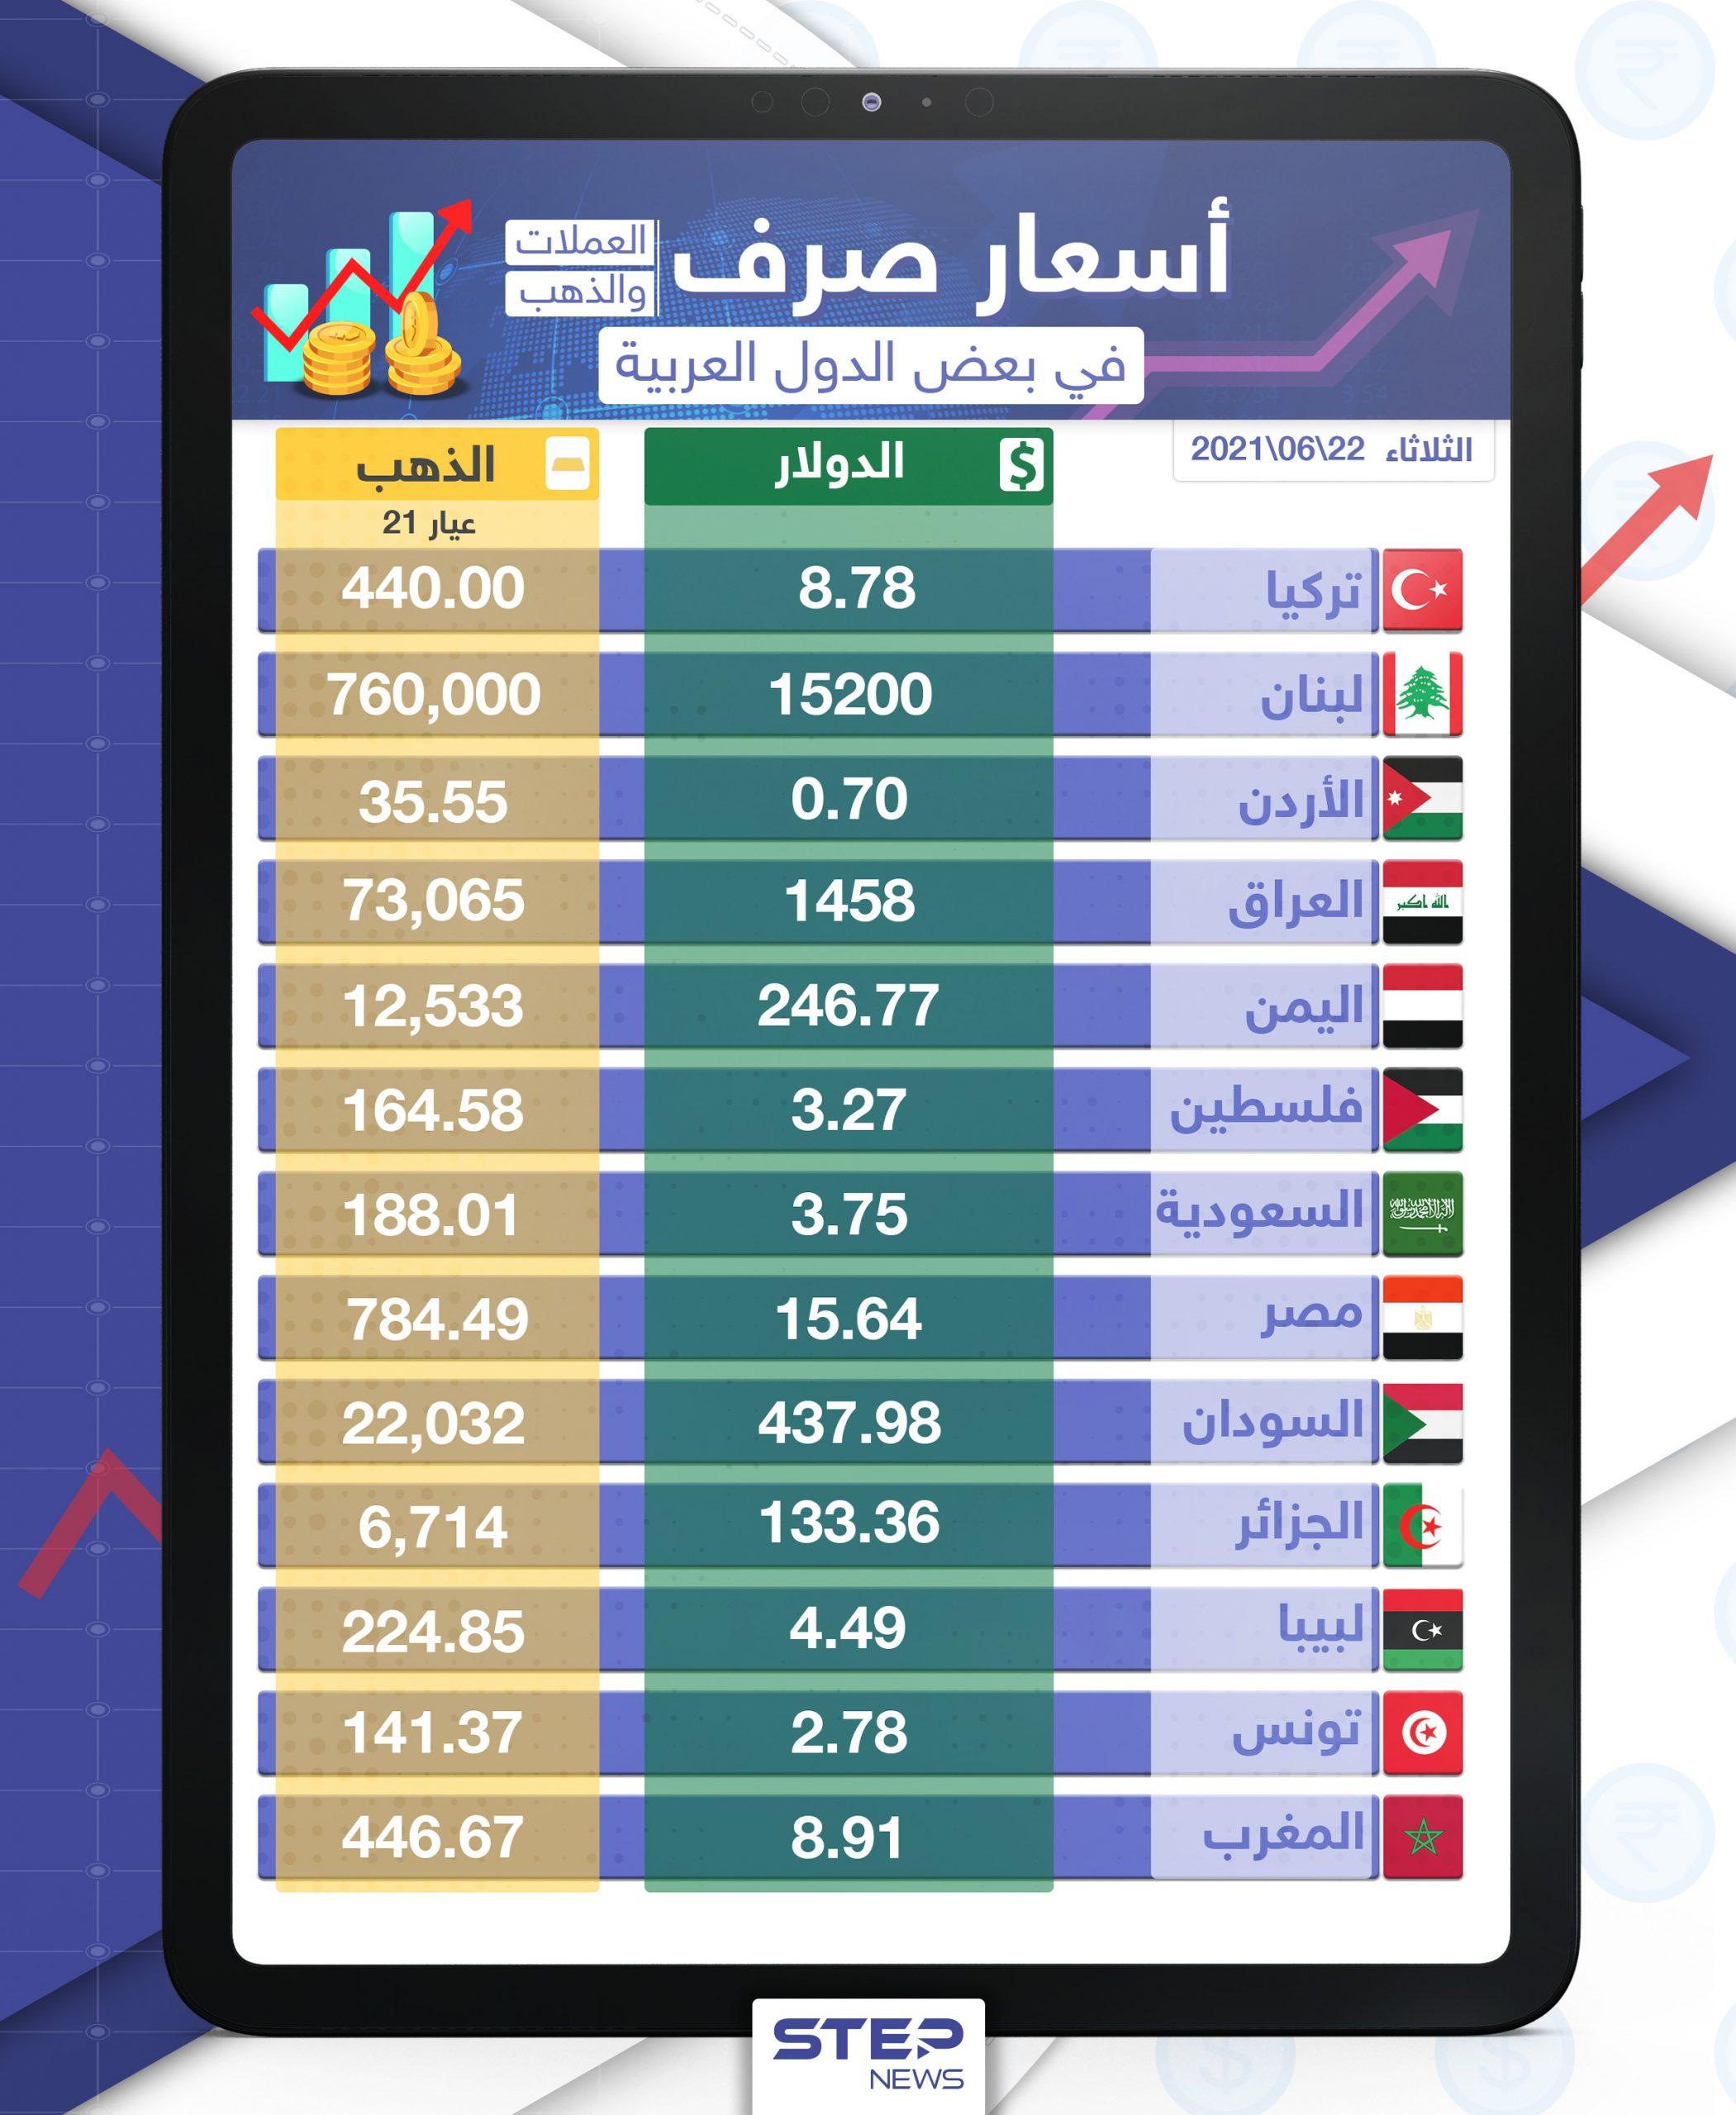 أسعار الذهب والعملات للدول العربية وتركيا اليوم الثلاثاء الموافق 22 حزيران 2021